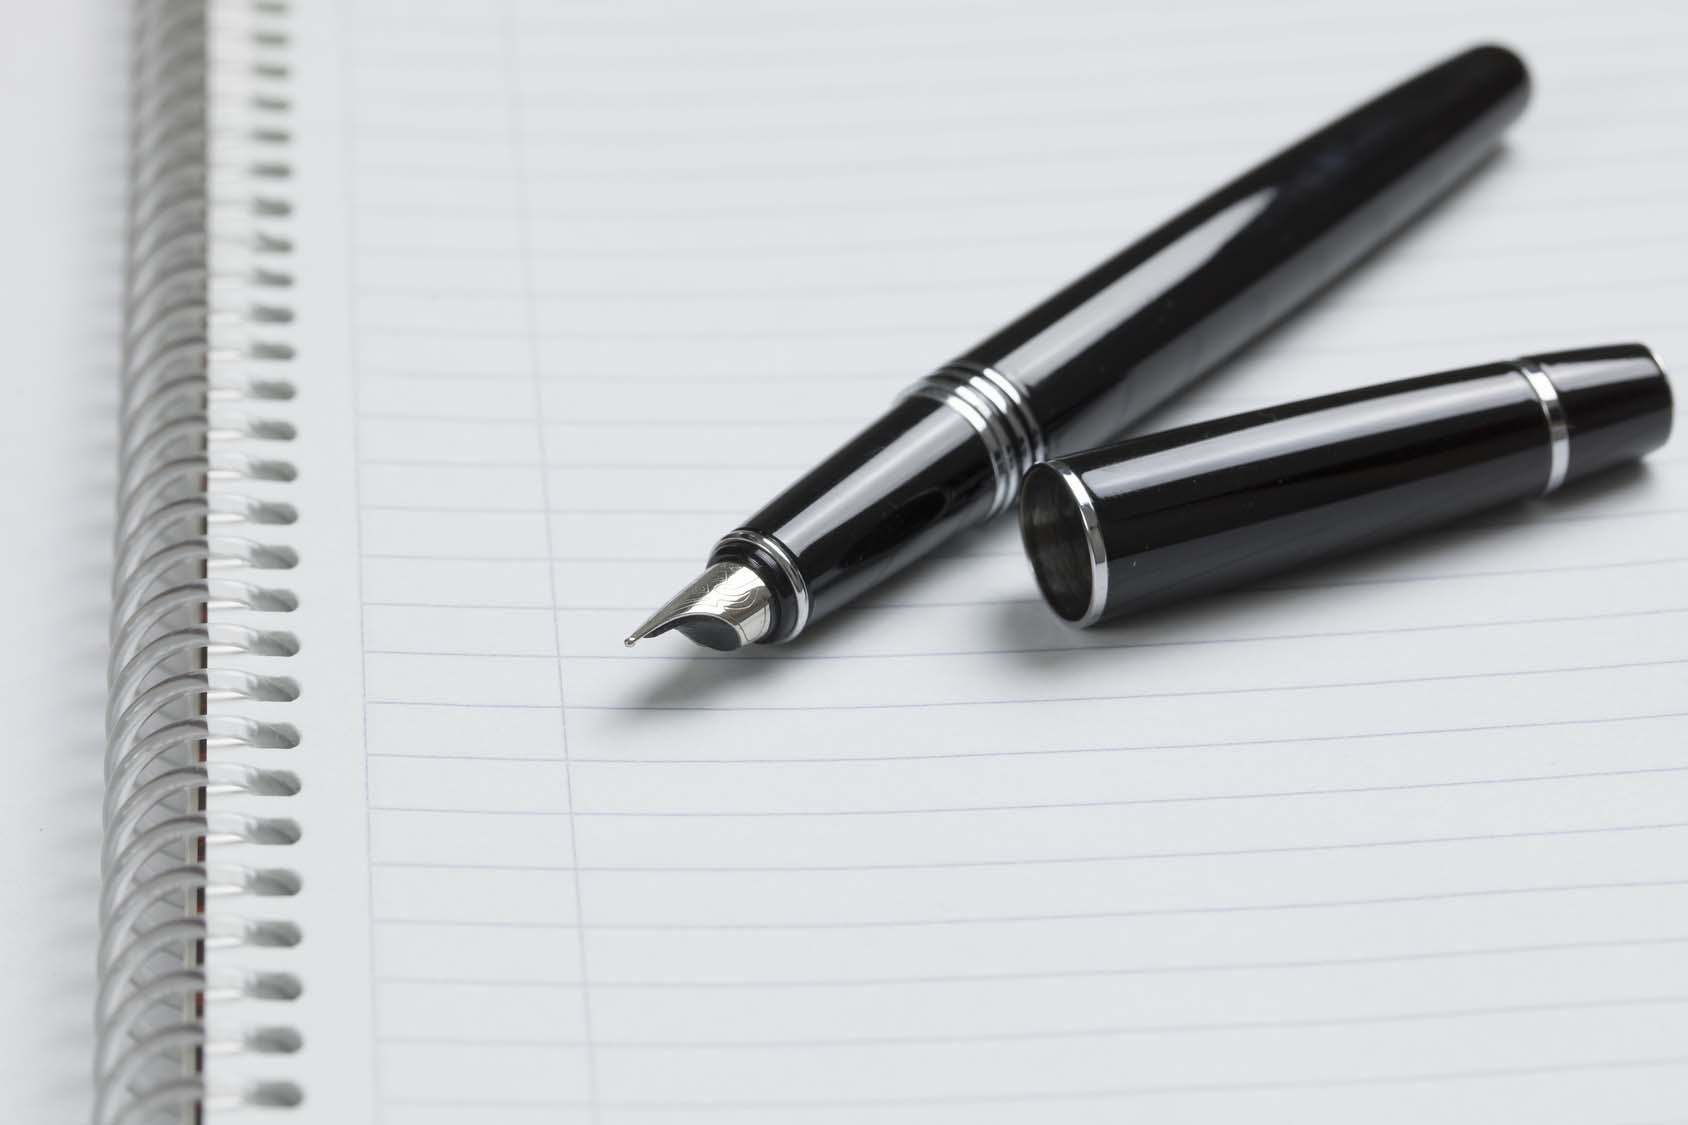 Vereinsprotokoll: Machen Sie Ihre Protokolle ab sofort unangreifbar